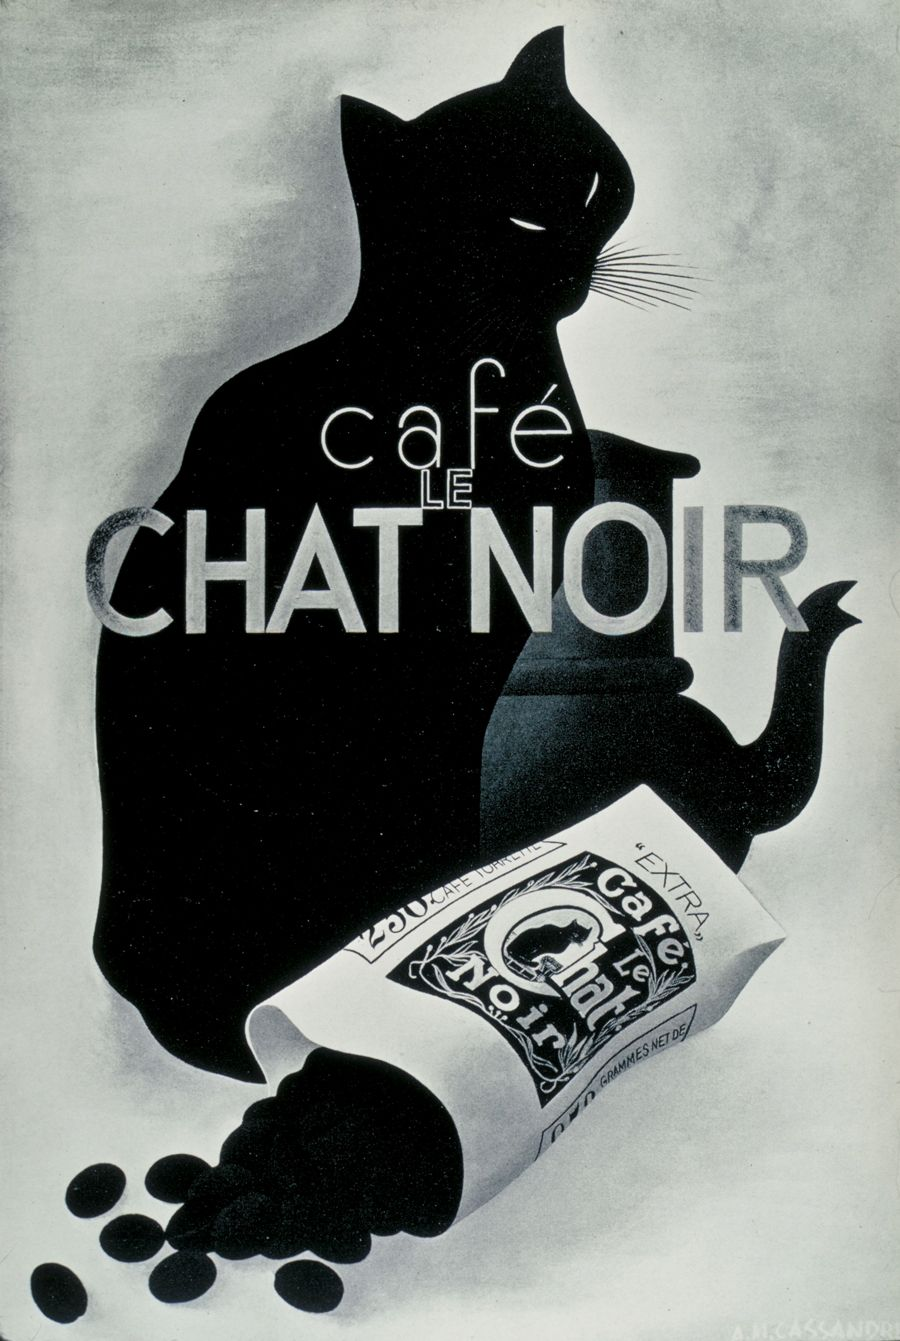 Café Le Chat Noir advertising poster by A.M. Cassandre